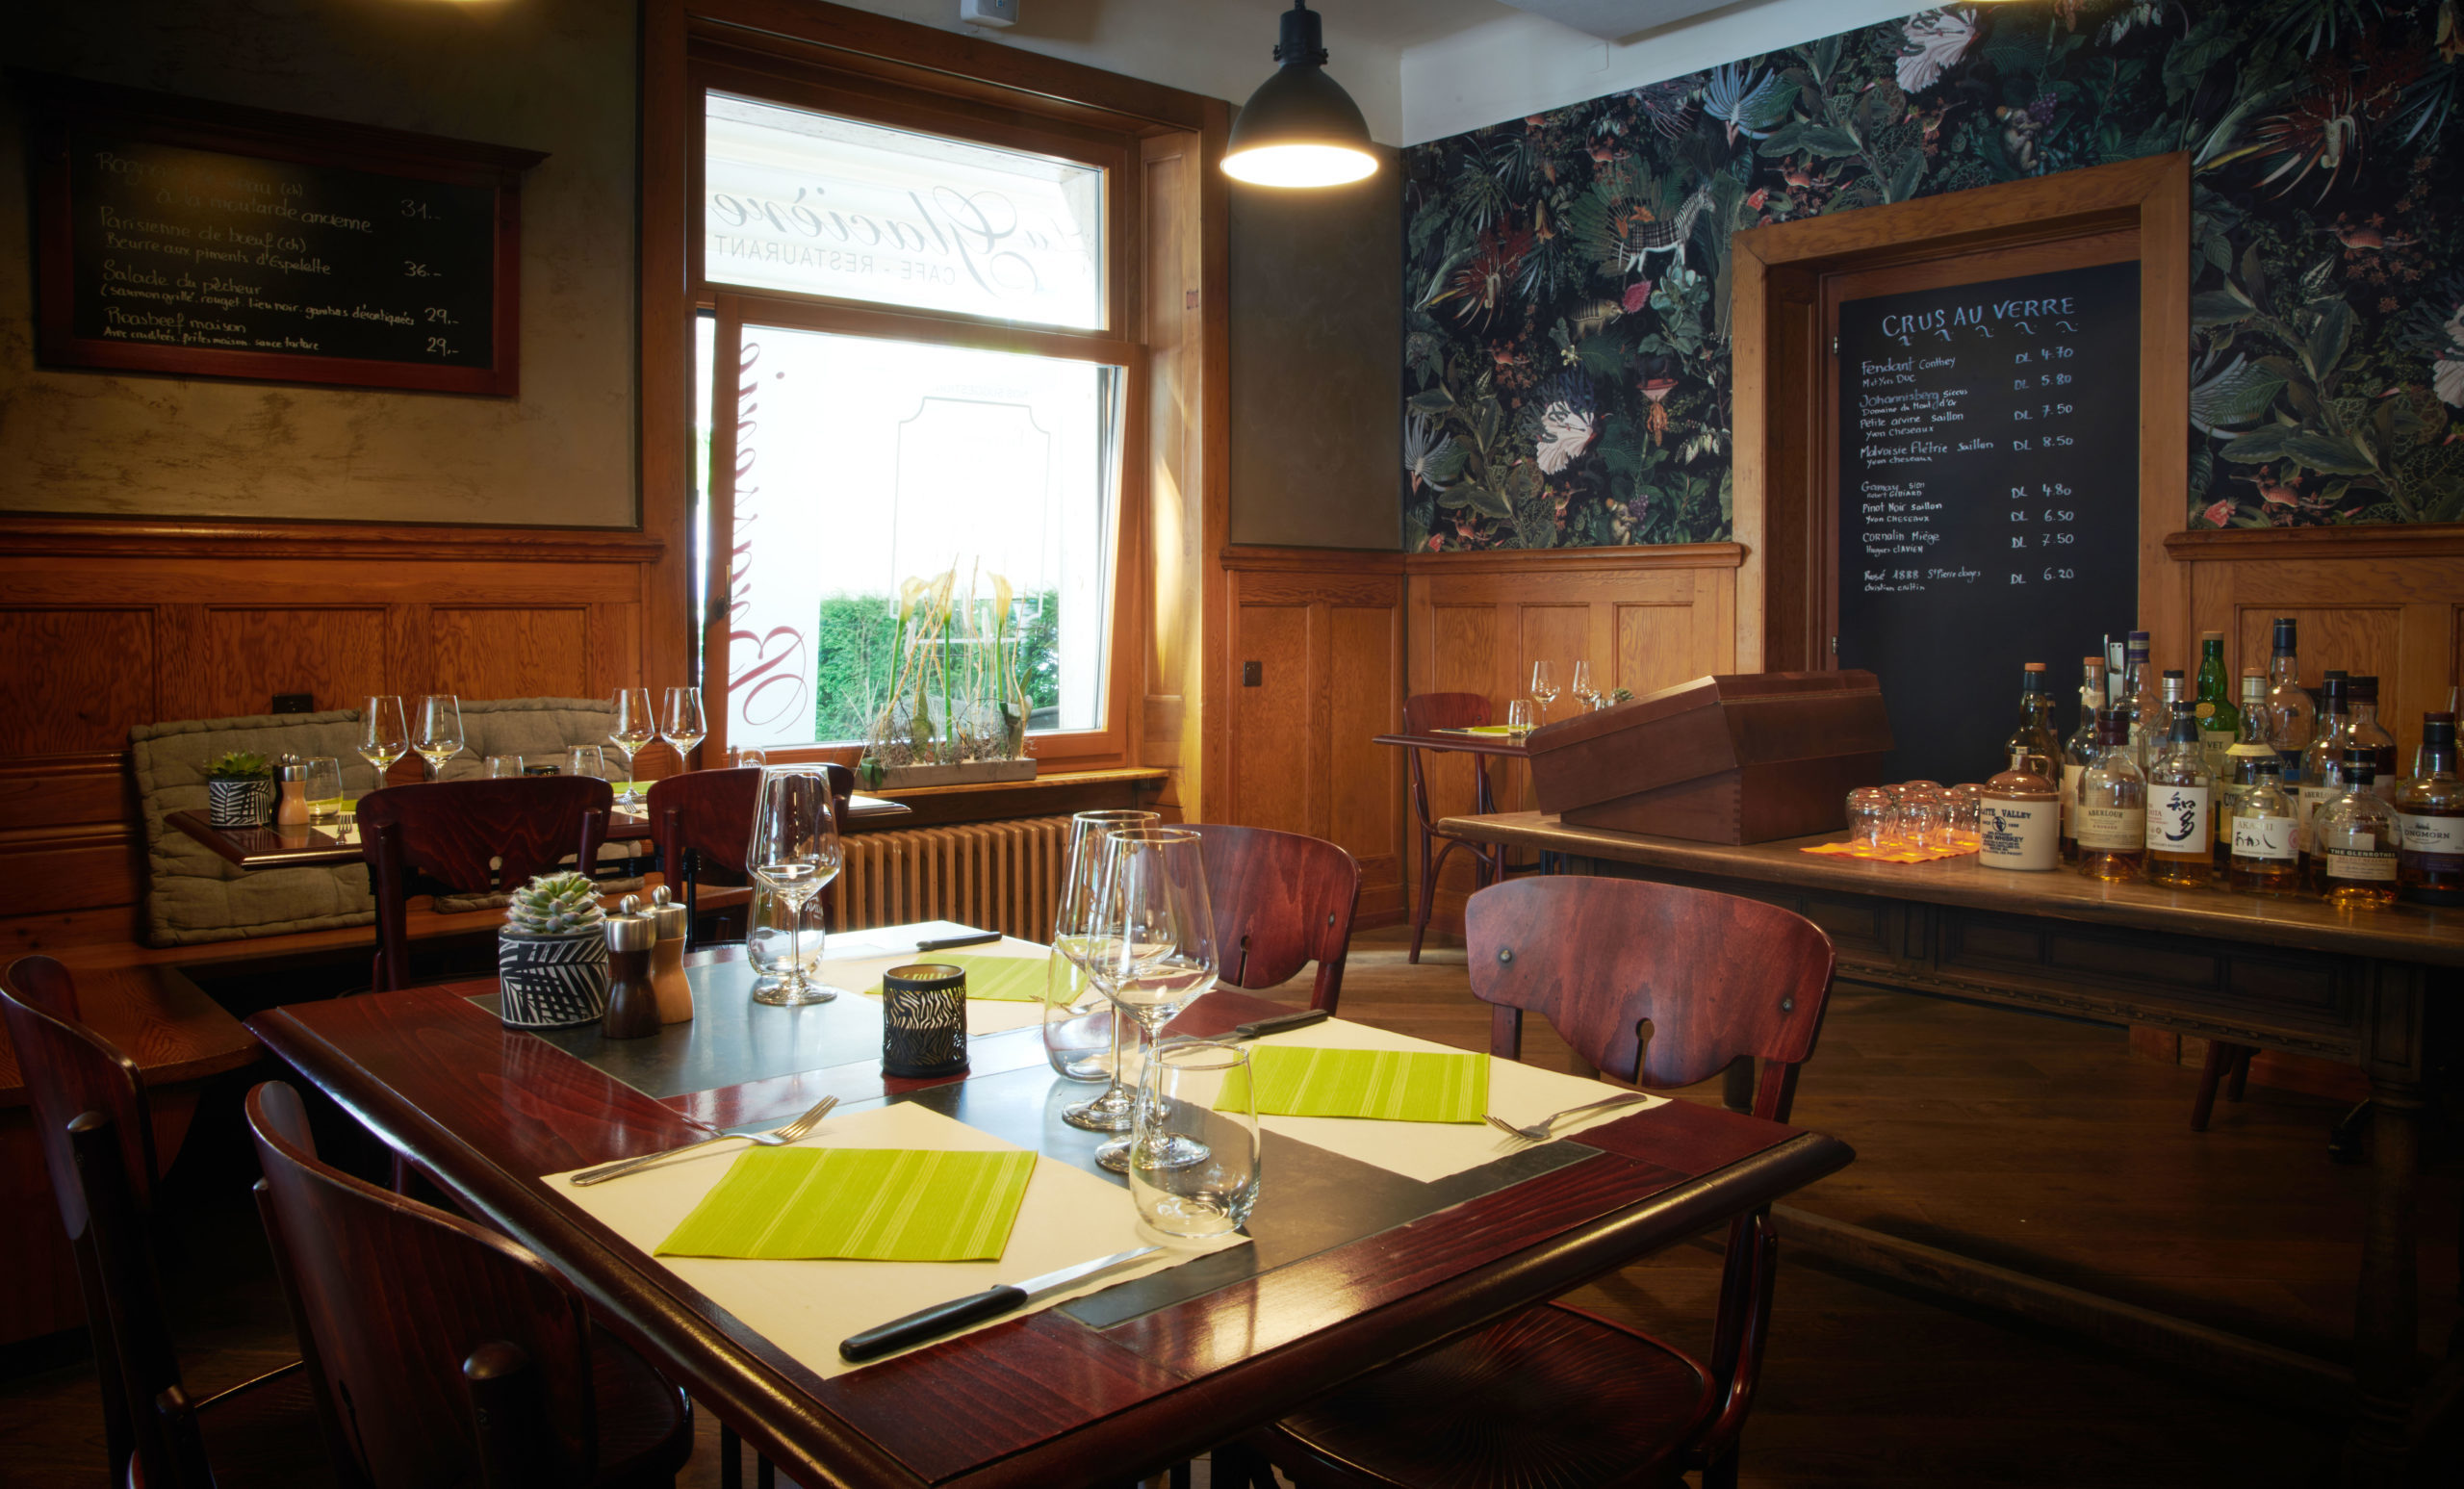 Sion, le 12 juin 2020,Restaurant Brasserie de la Glacière  © sedrik nemeth